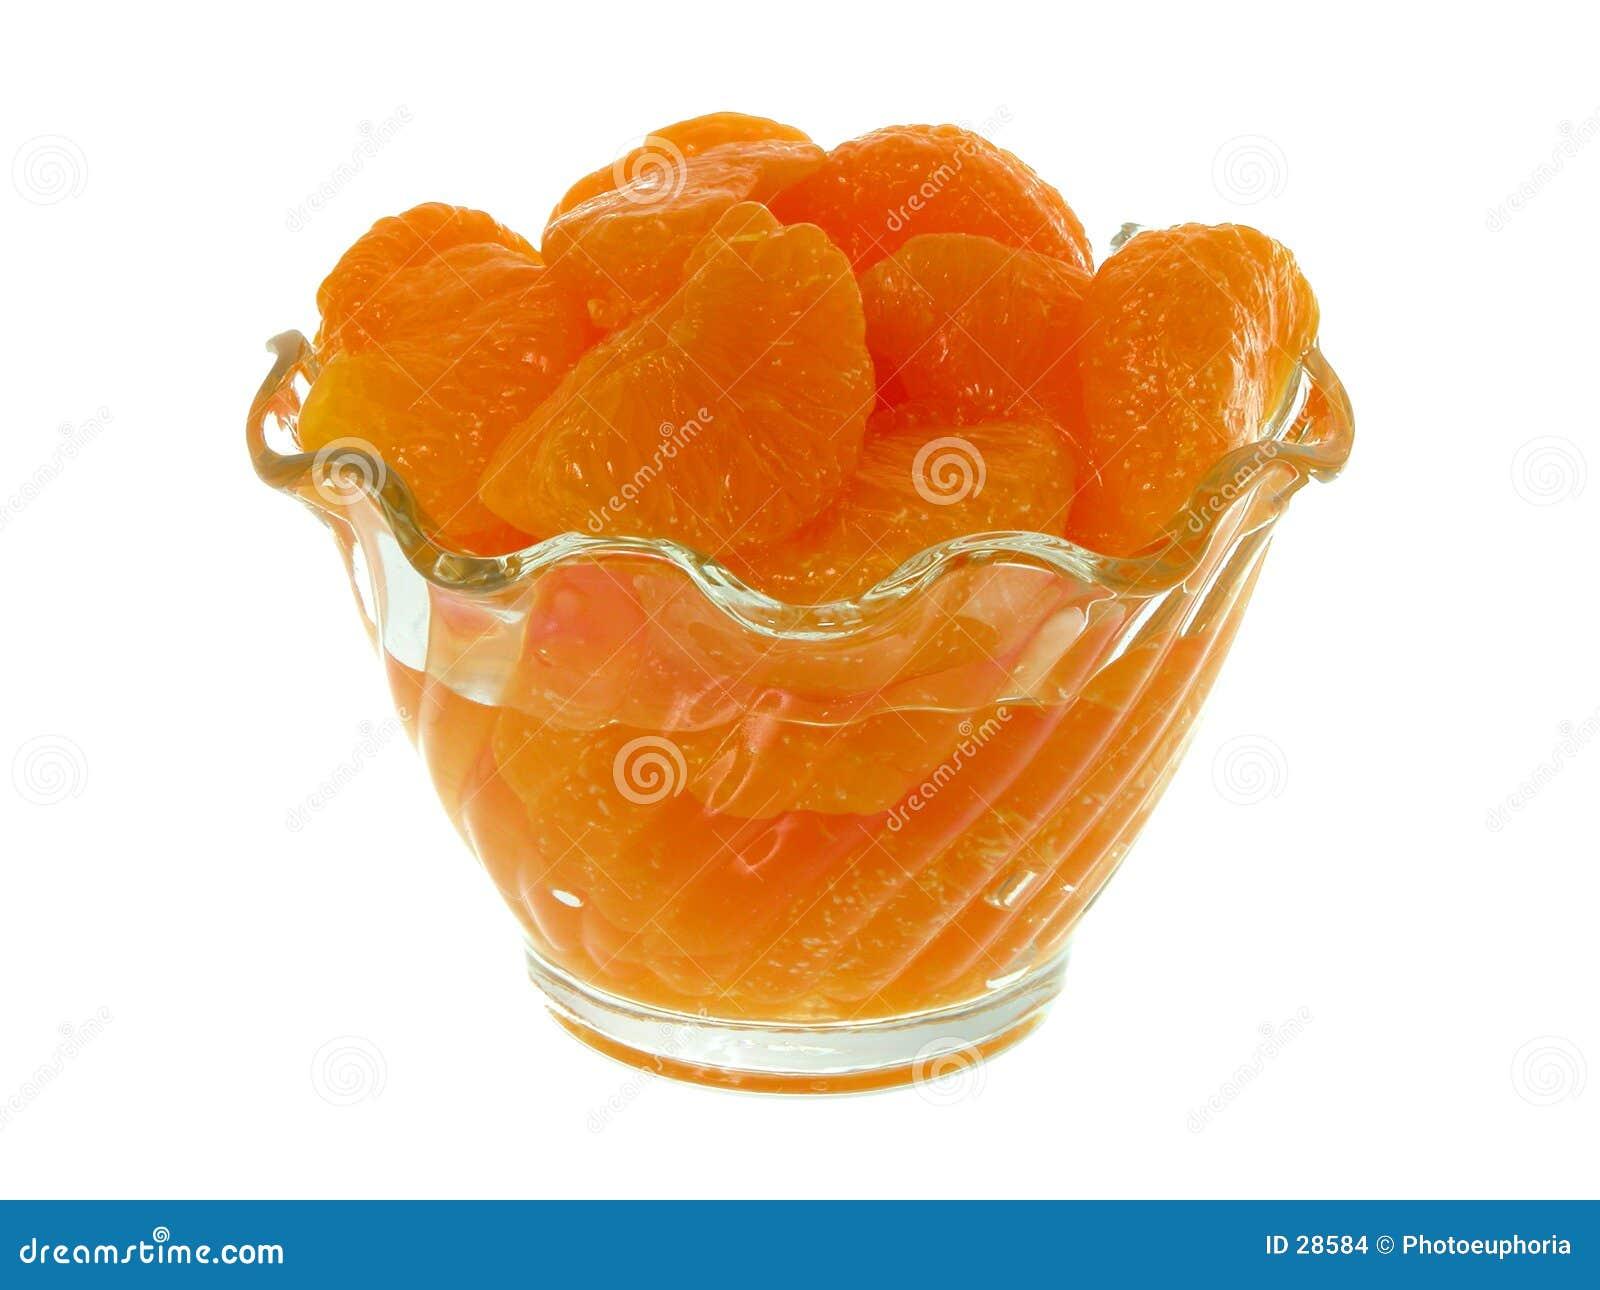 Segmenti del mandarino